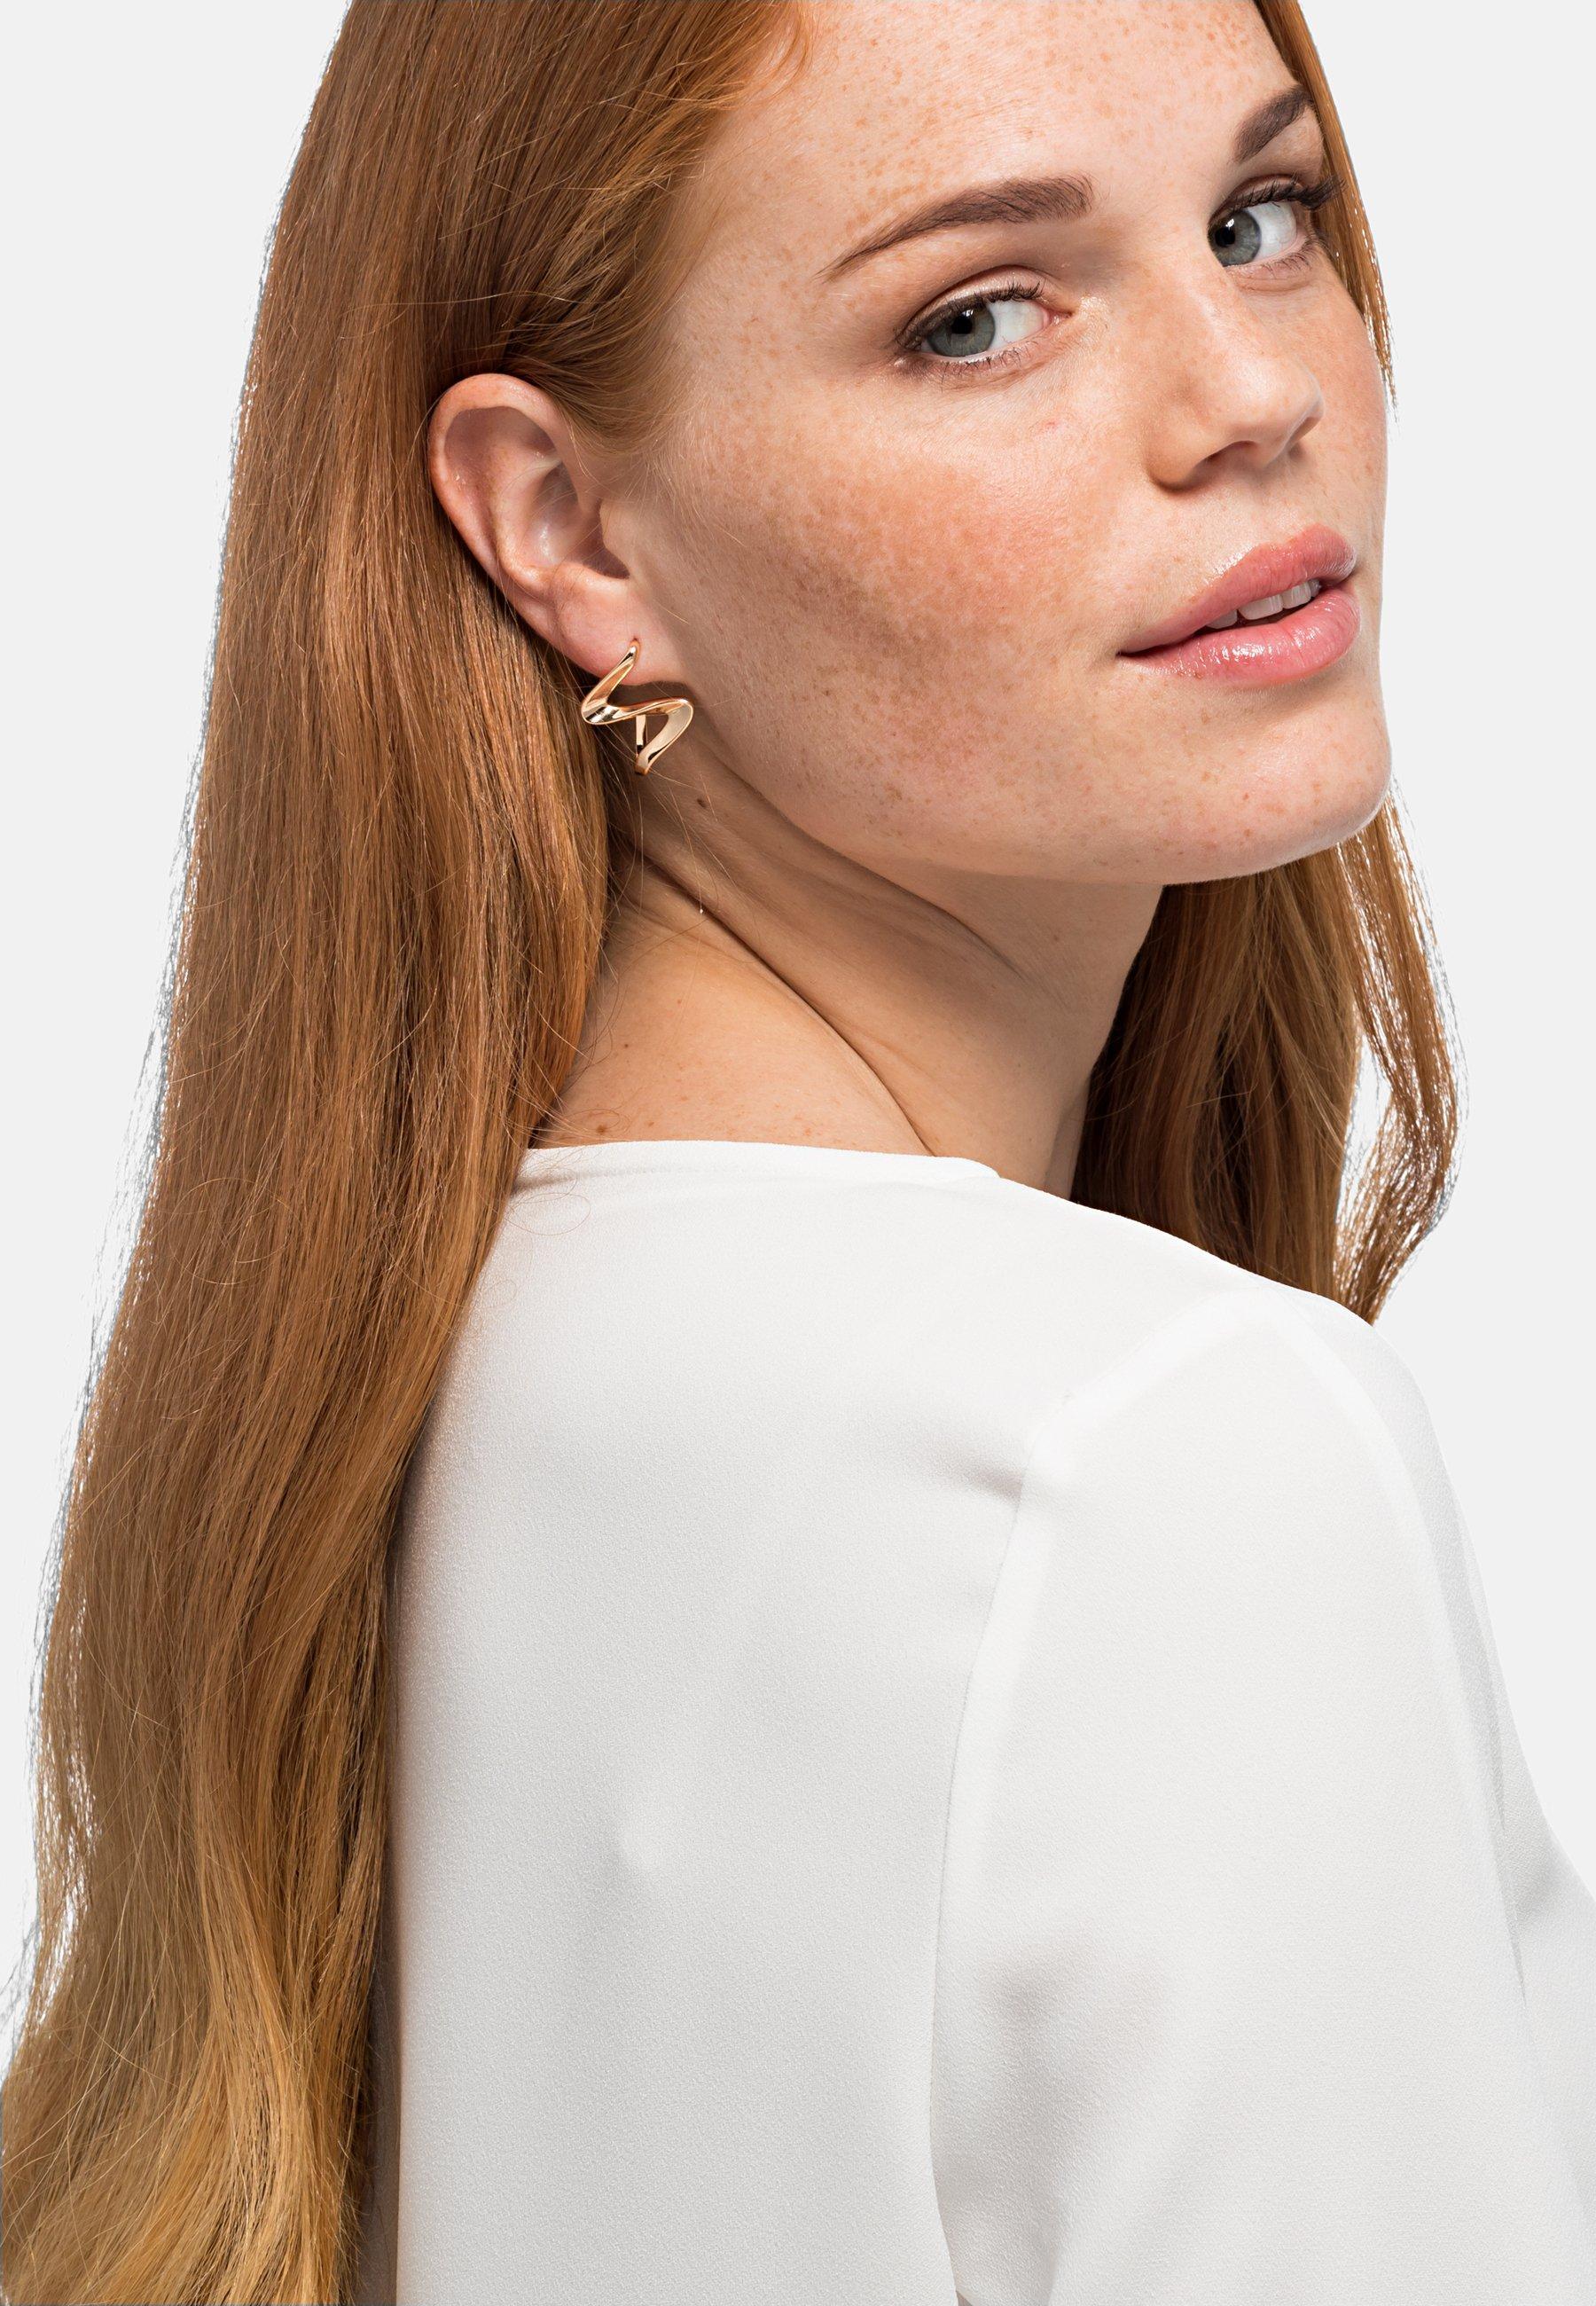 Damen POLIERT - Ohrringe